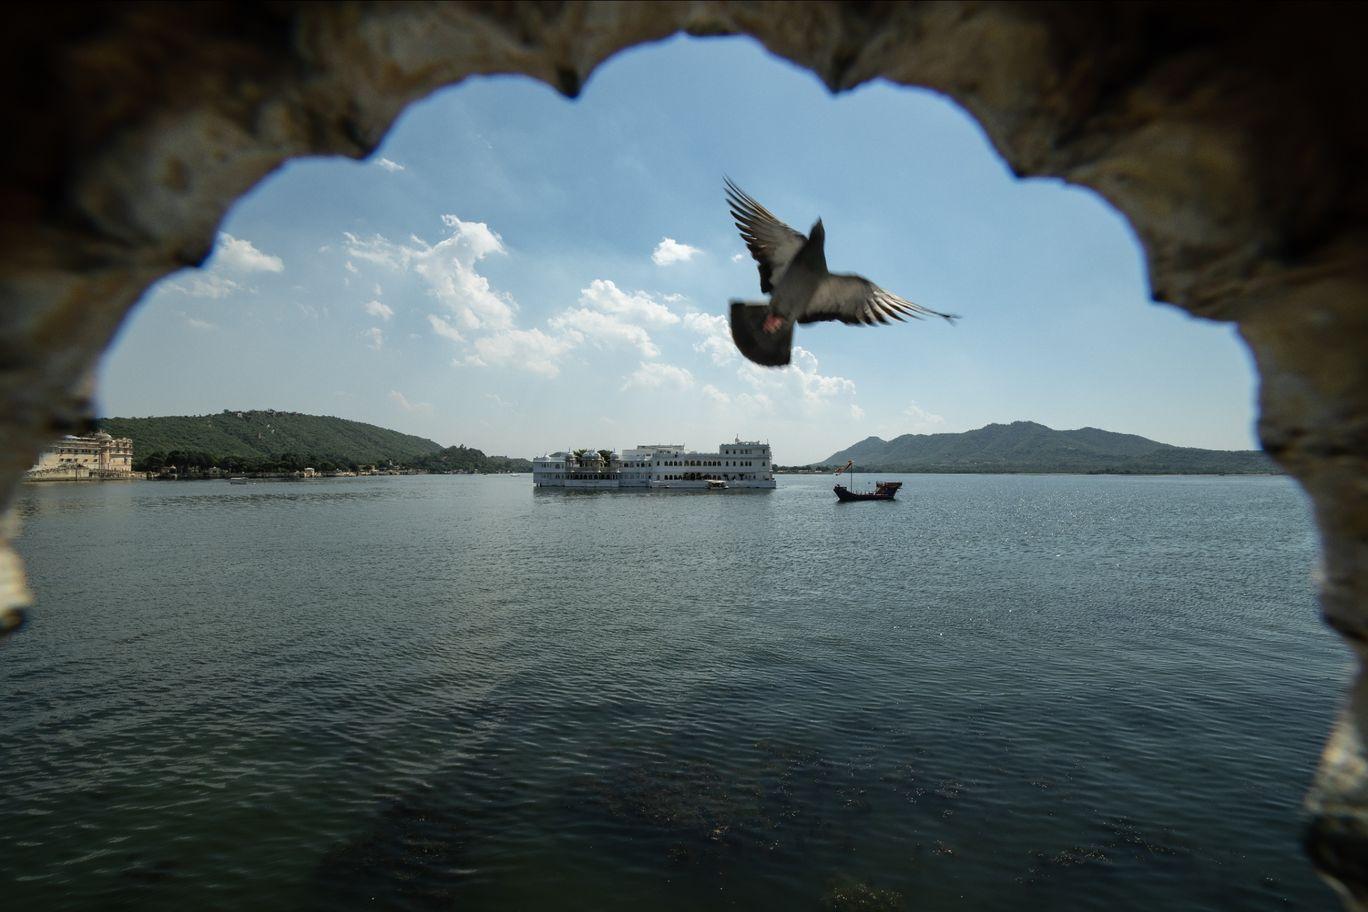 Photo of Lake Palace By Nirmesh Vadera